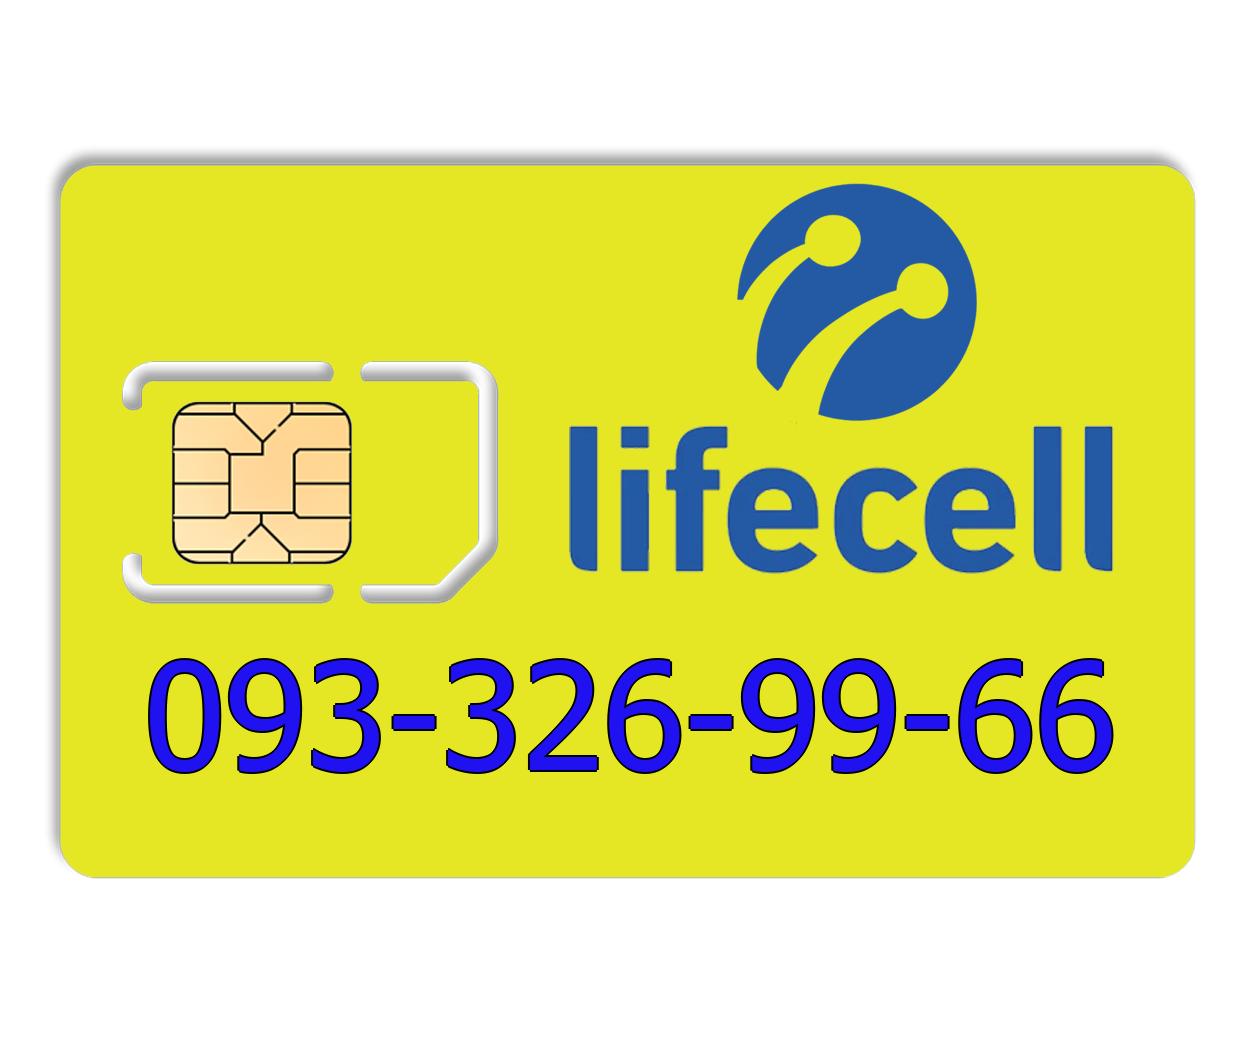 Красивый номер lifecell 093-326-99-66